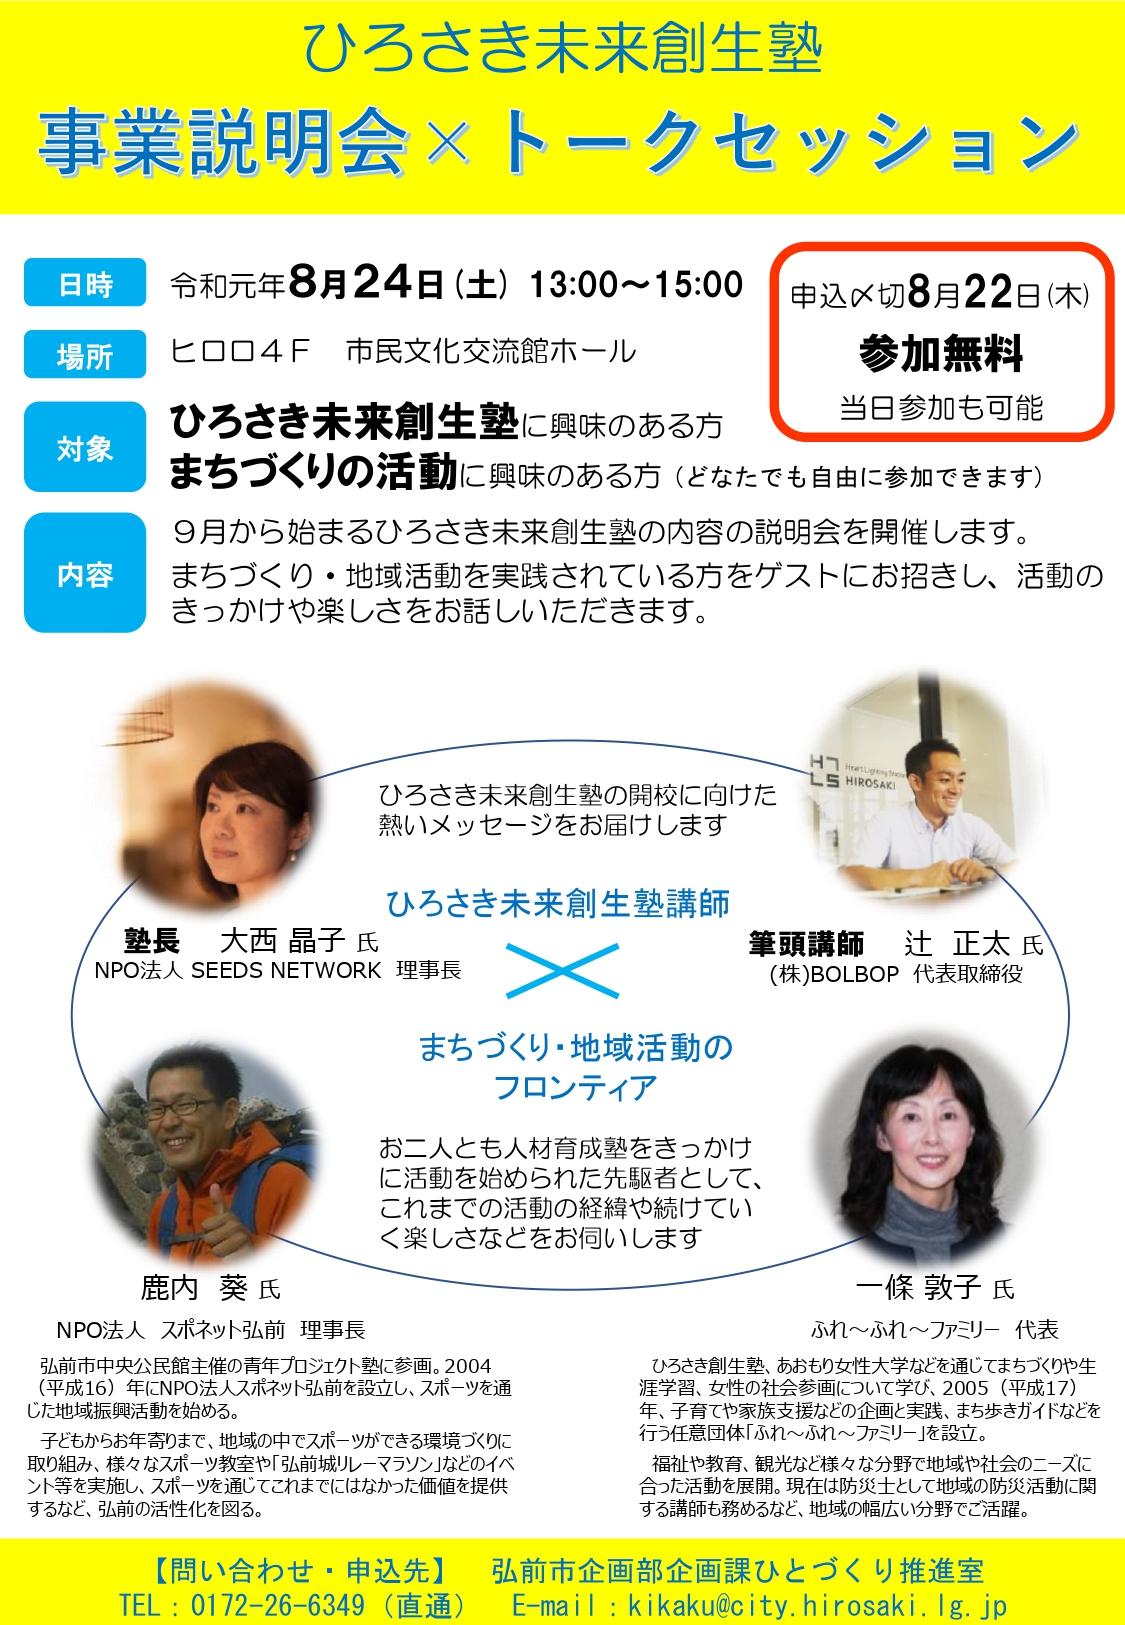 ひろさき未来創生塾事業説明会×トークセッション